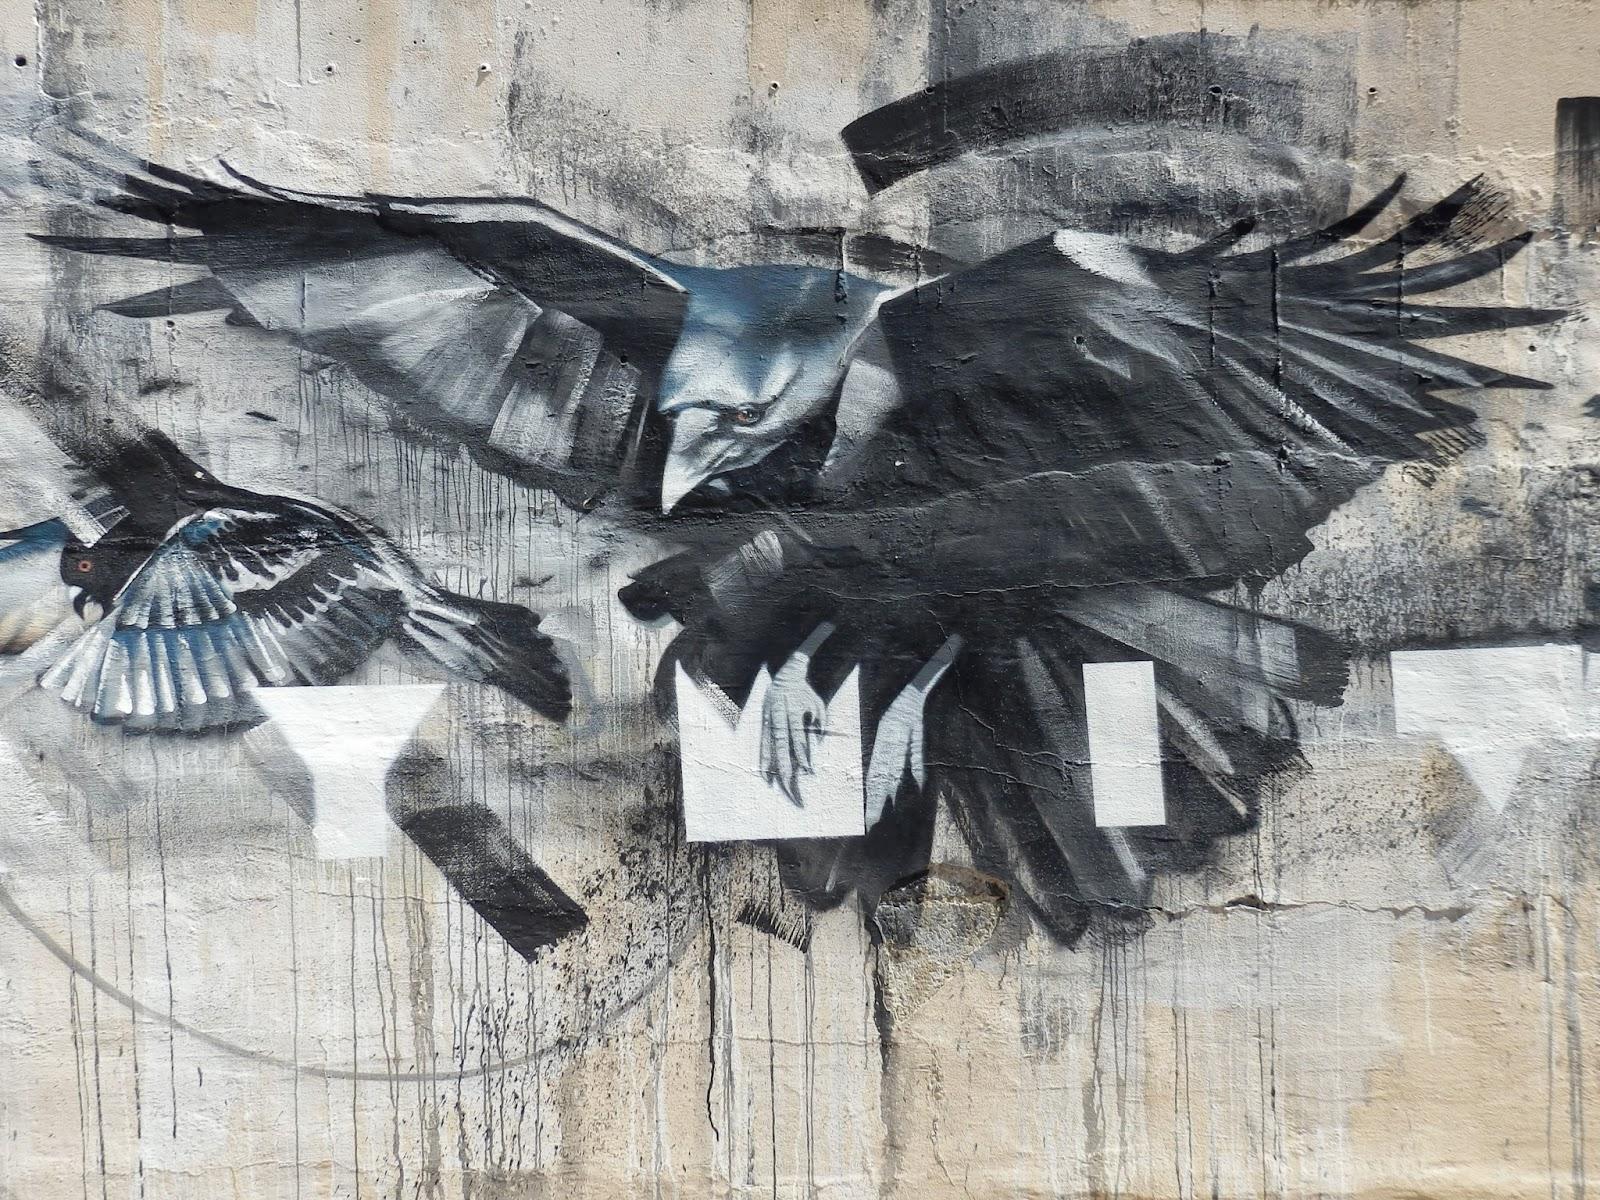 Maltese street art